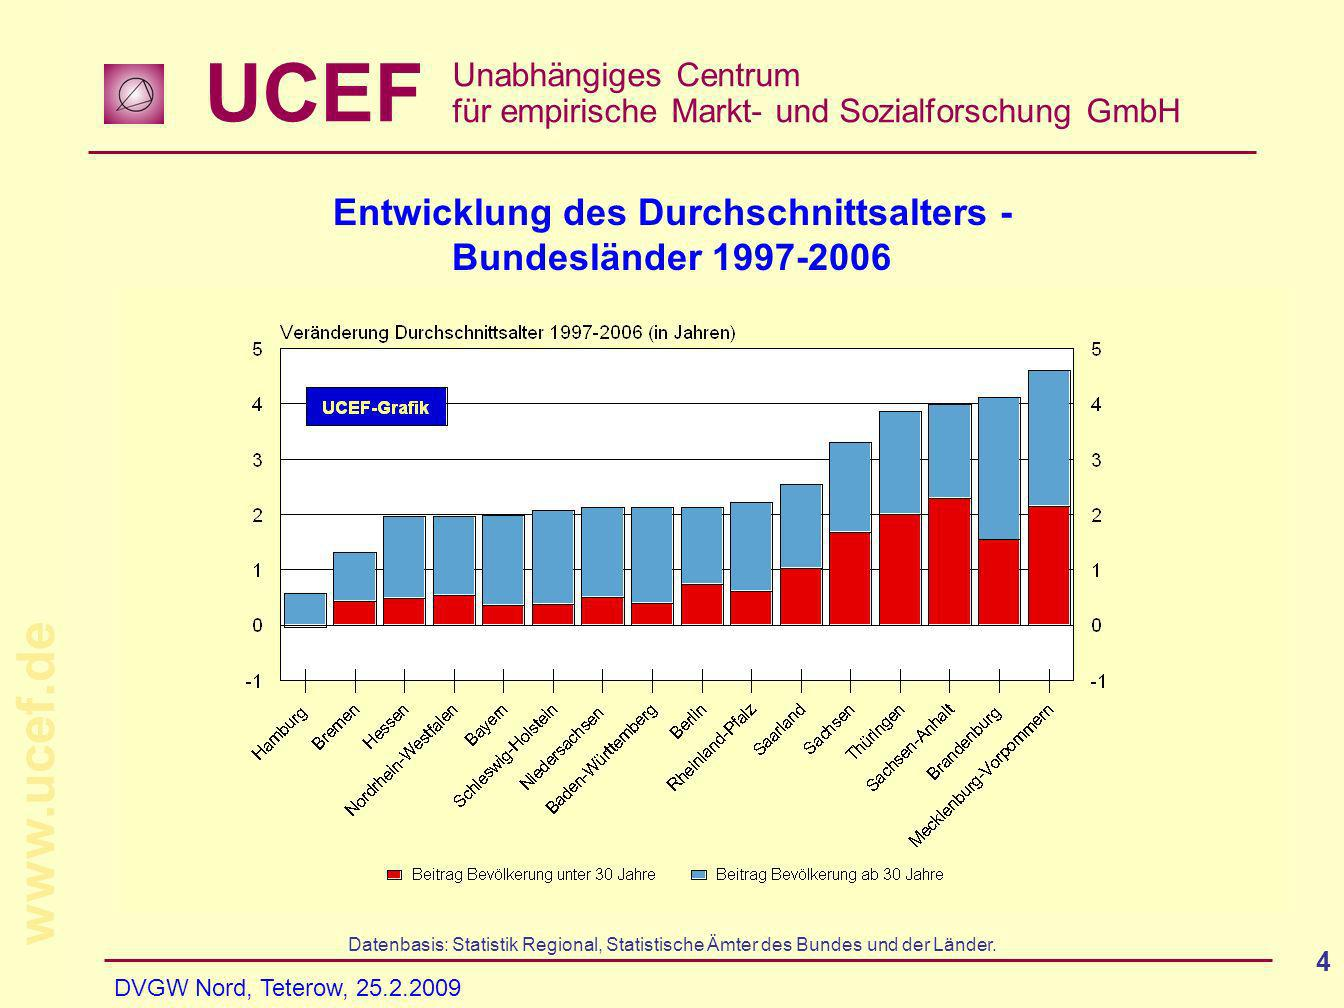 UCEF Unabhängiges Centrum für empirische Markt- und Sozialforschung GmbH www.ucef.de DVGW Nord, Teterow, 25.2.2009 5 Veralterung ist nicht gleich Veralterung....